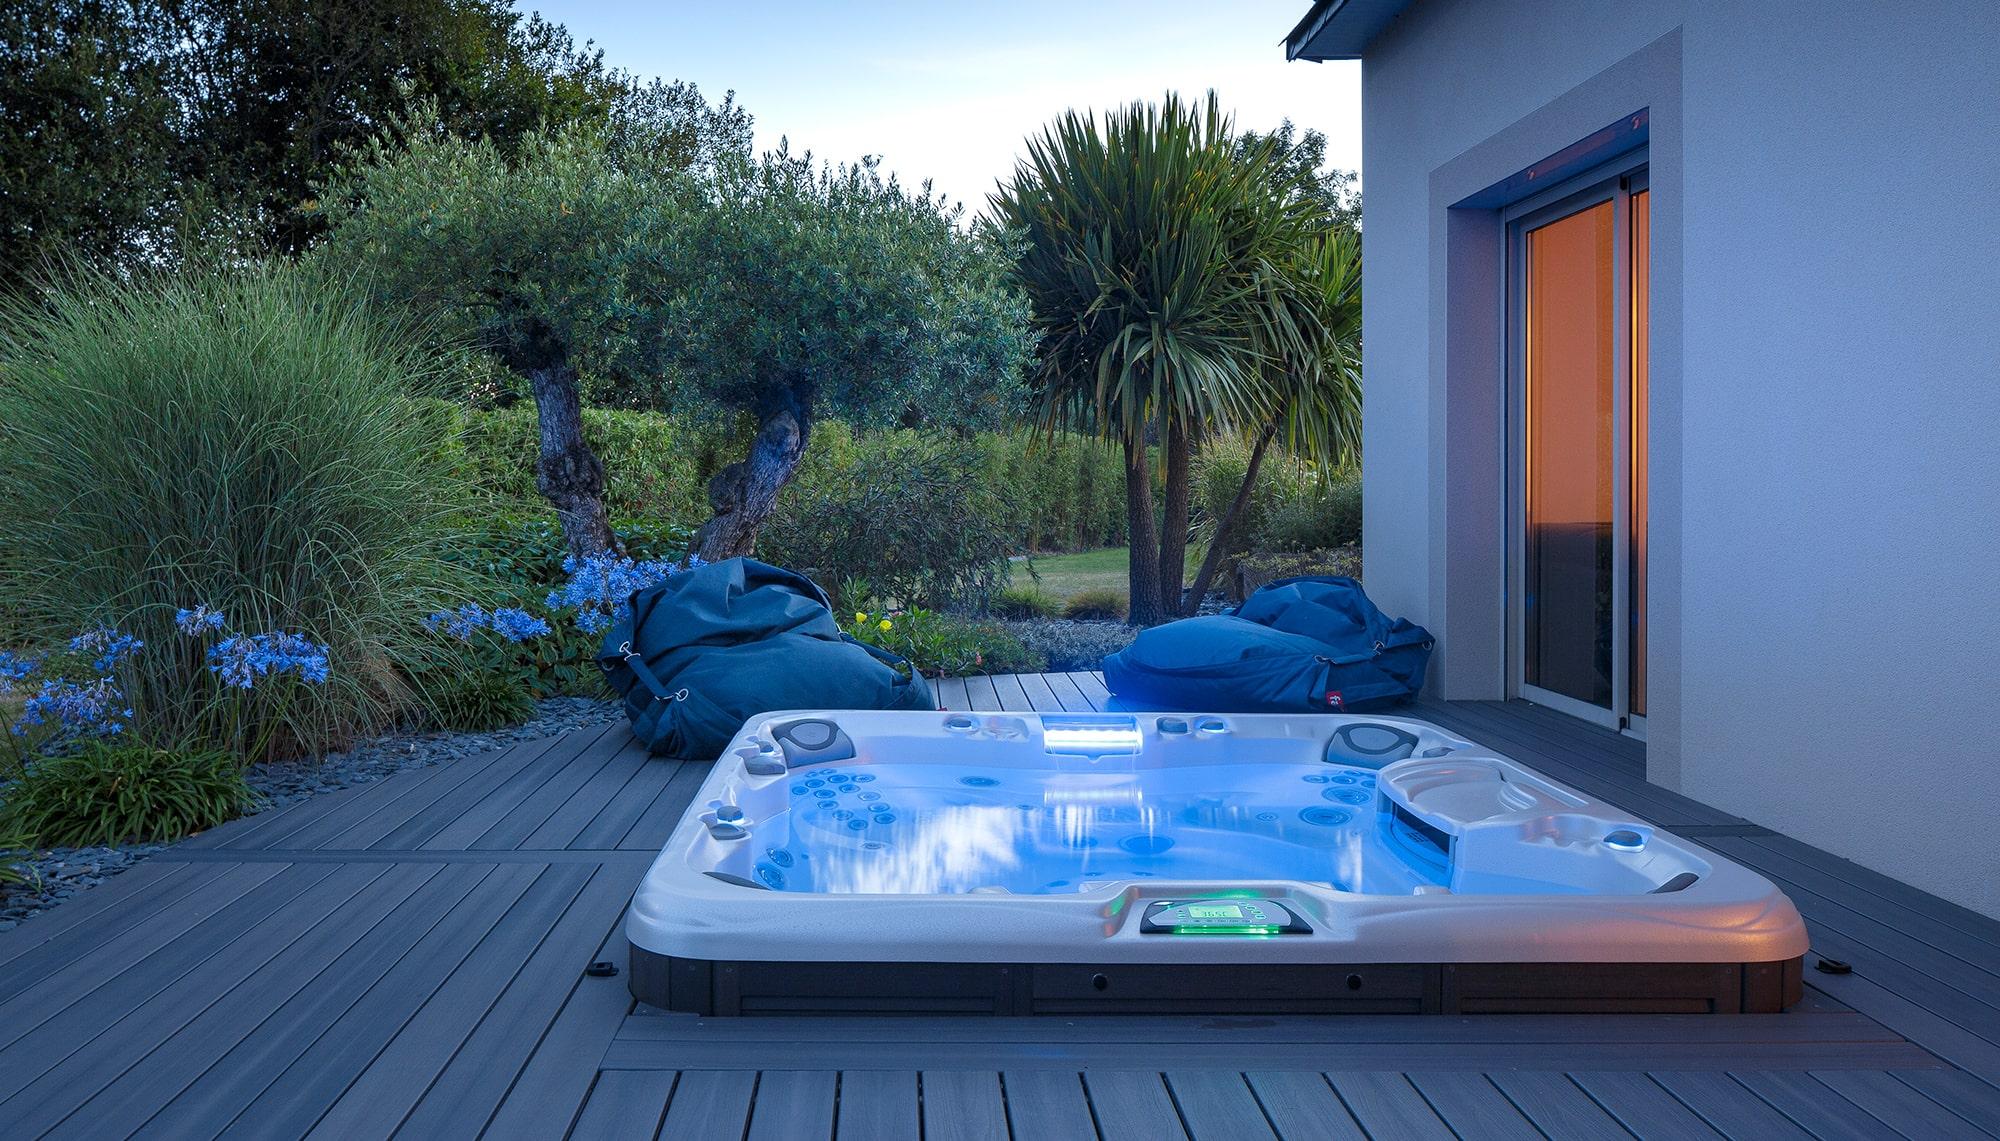 Hot Tub Installation